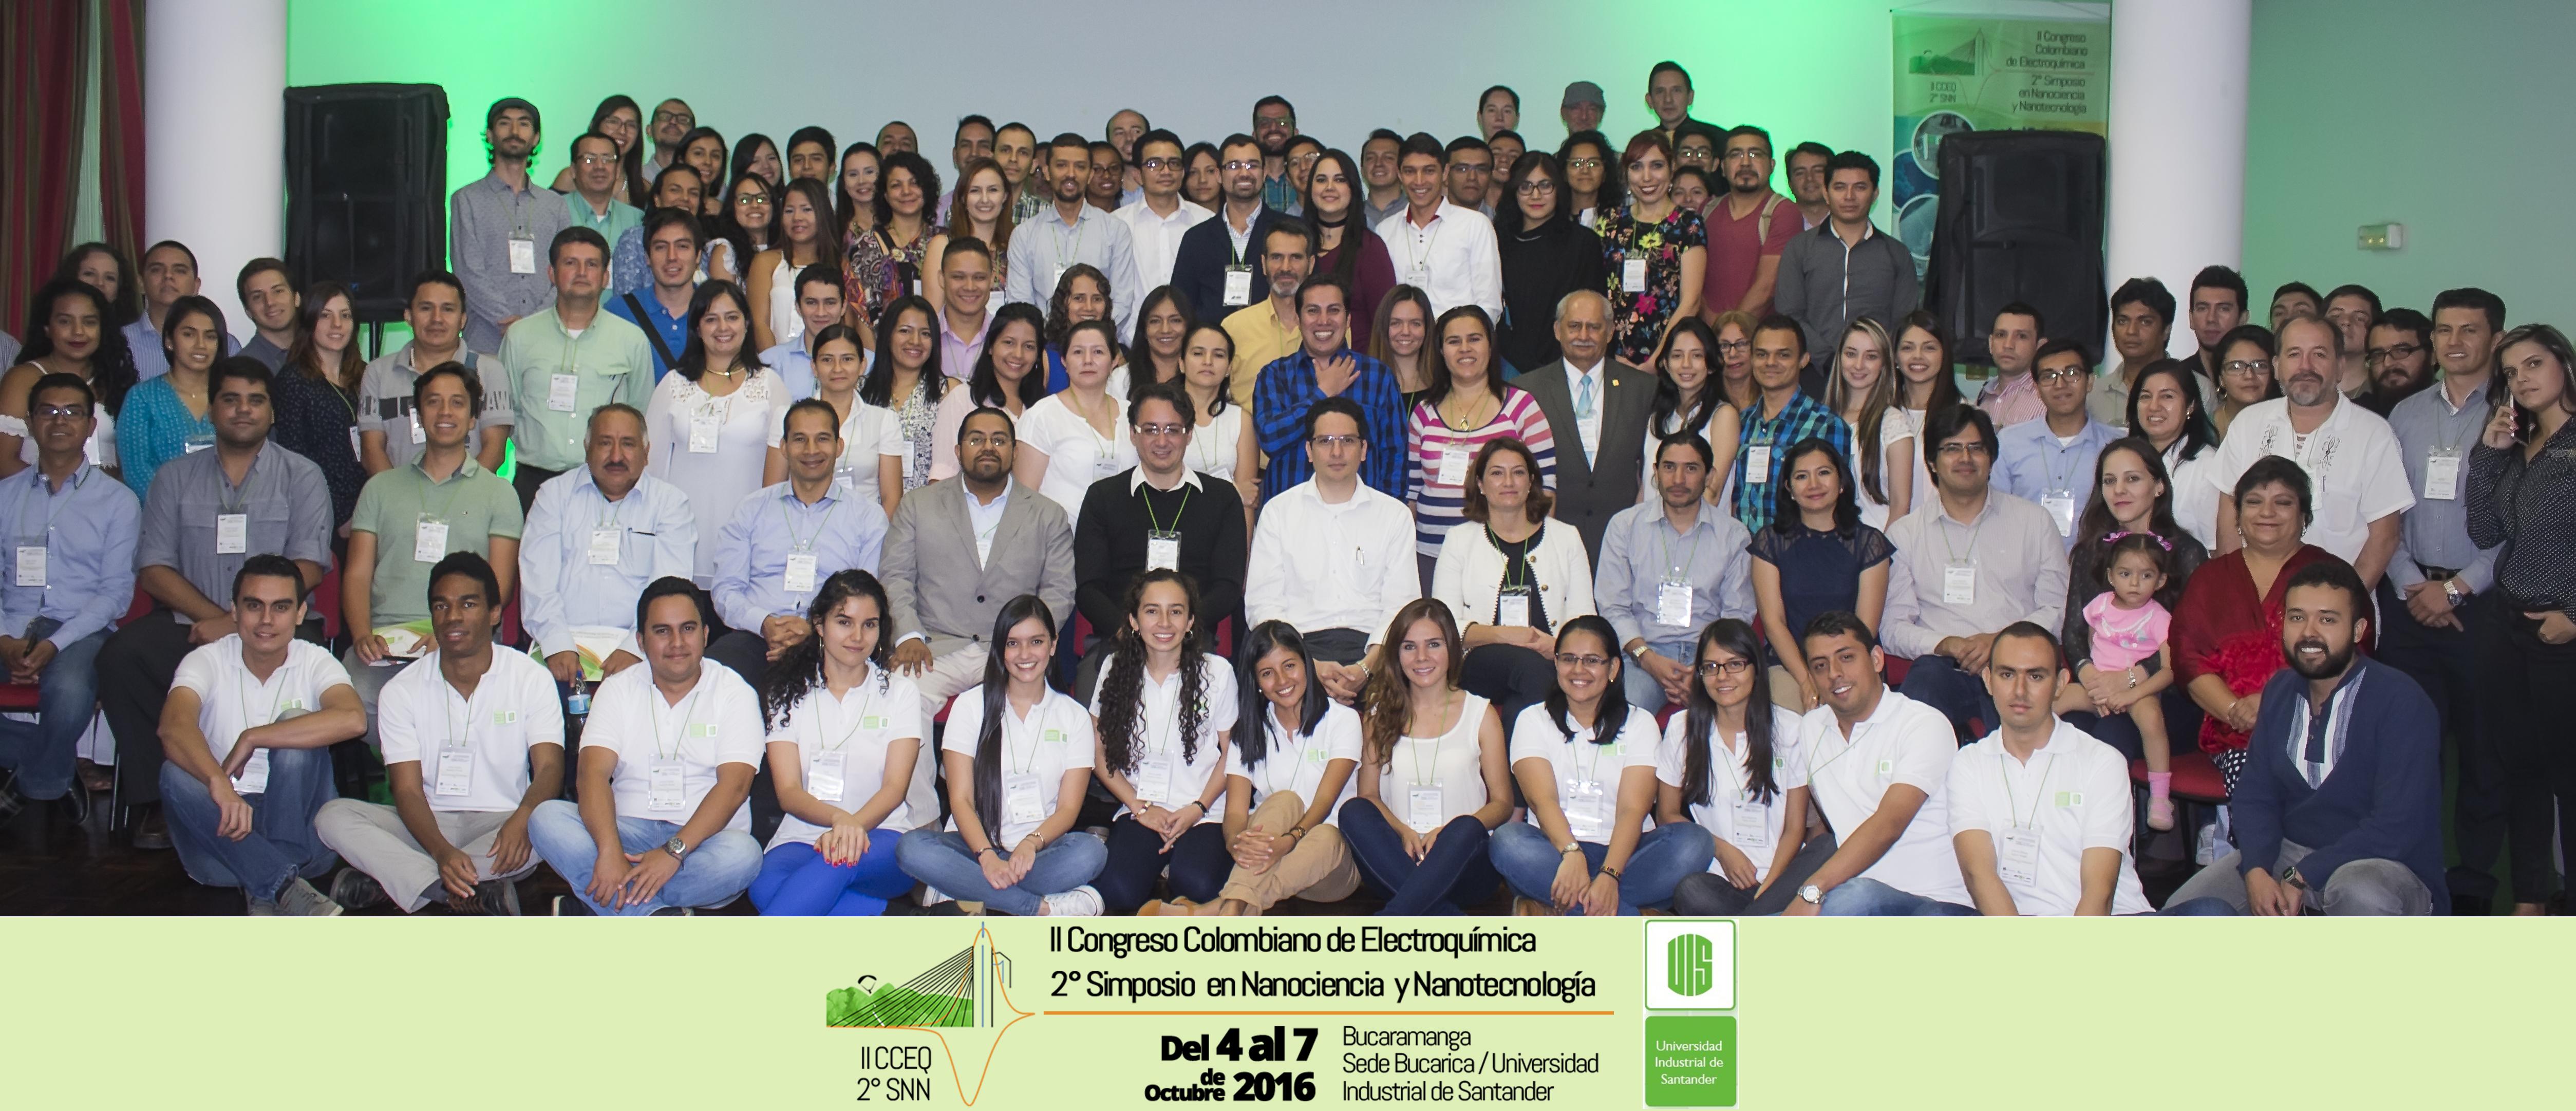 IICCEQ Y 2°SNN - FOTO OFICIAL